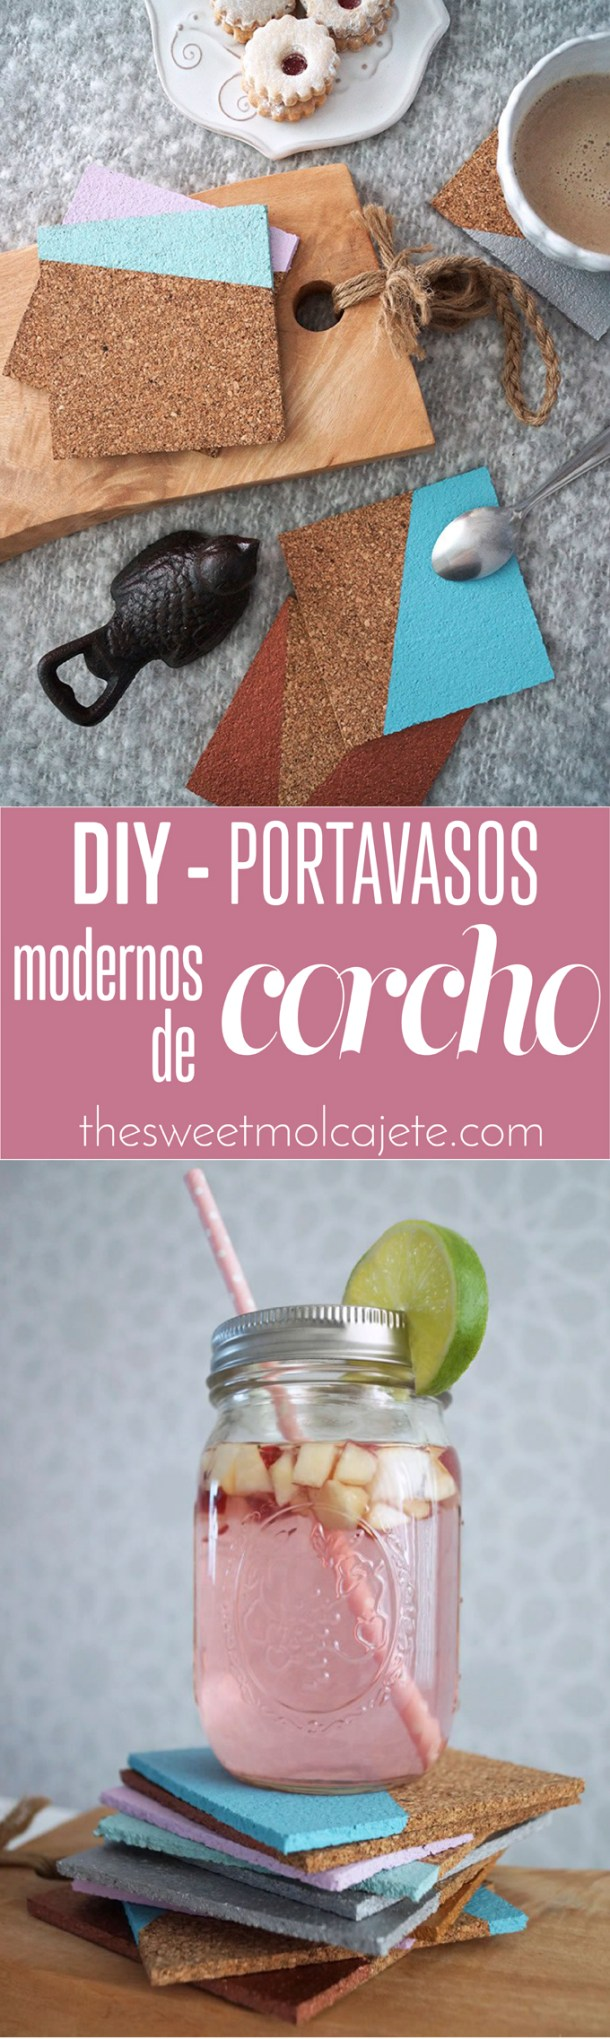 Paint dipped diy cork coasters | Fáciles portavasos de corcho pintados por @casahaus